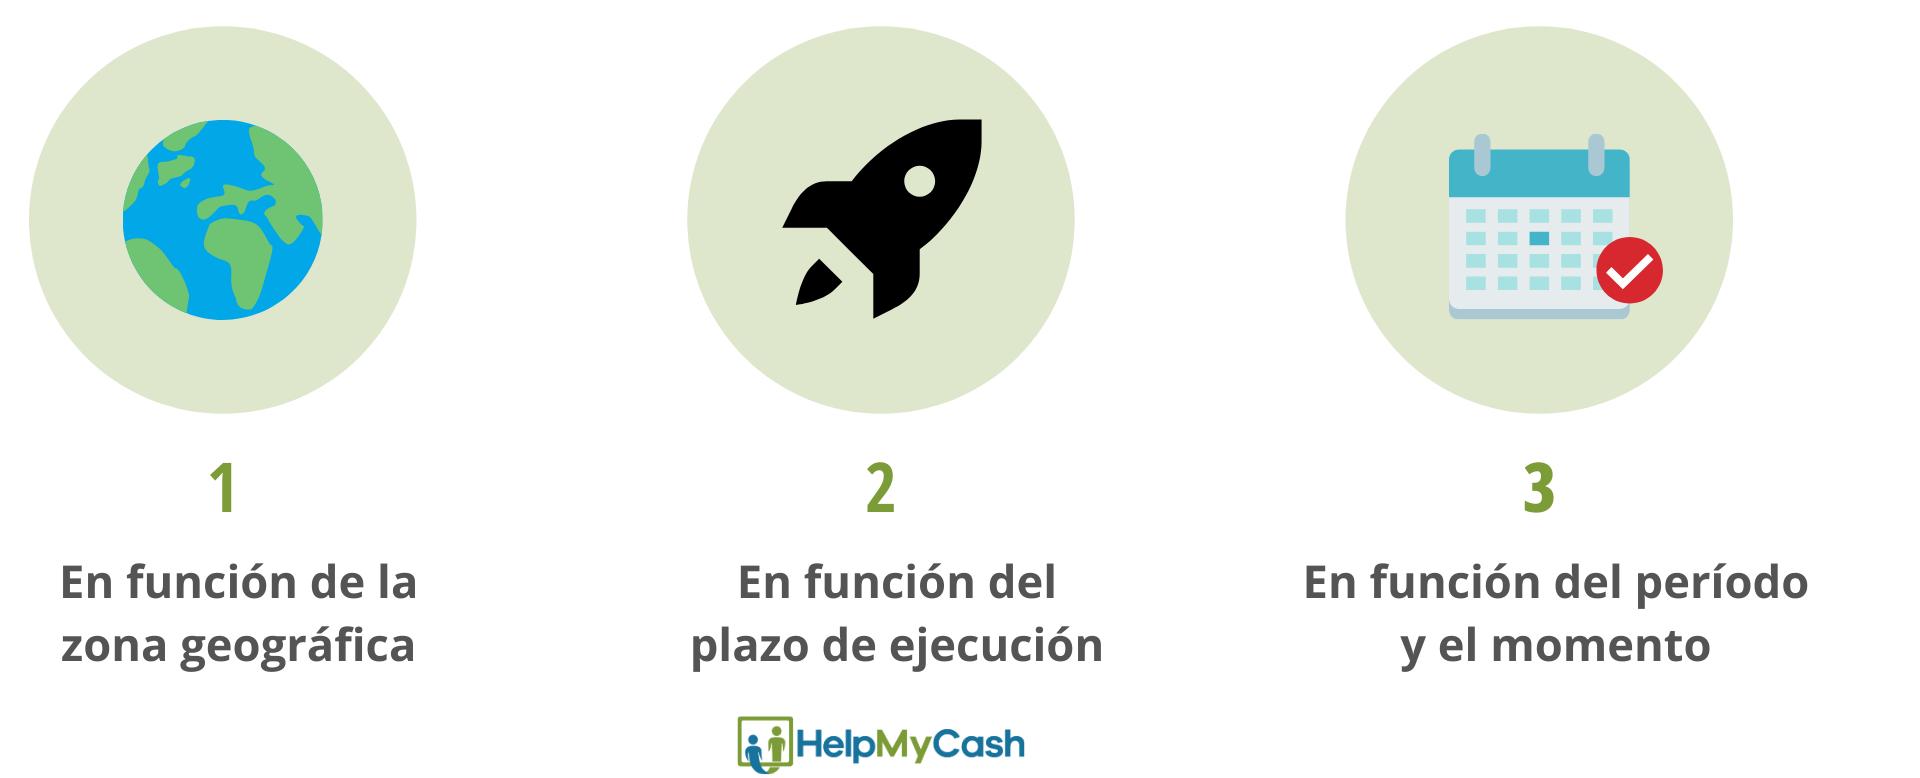 Qué tipos de transferencia bancaria existen. 1- en función de la zona geográfica. 2- en función del plazo de ejecución. 3- en función del período y el momento